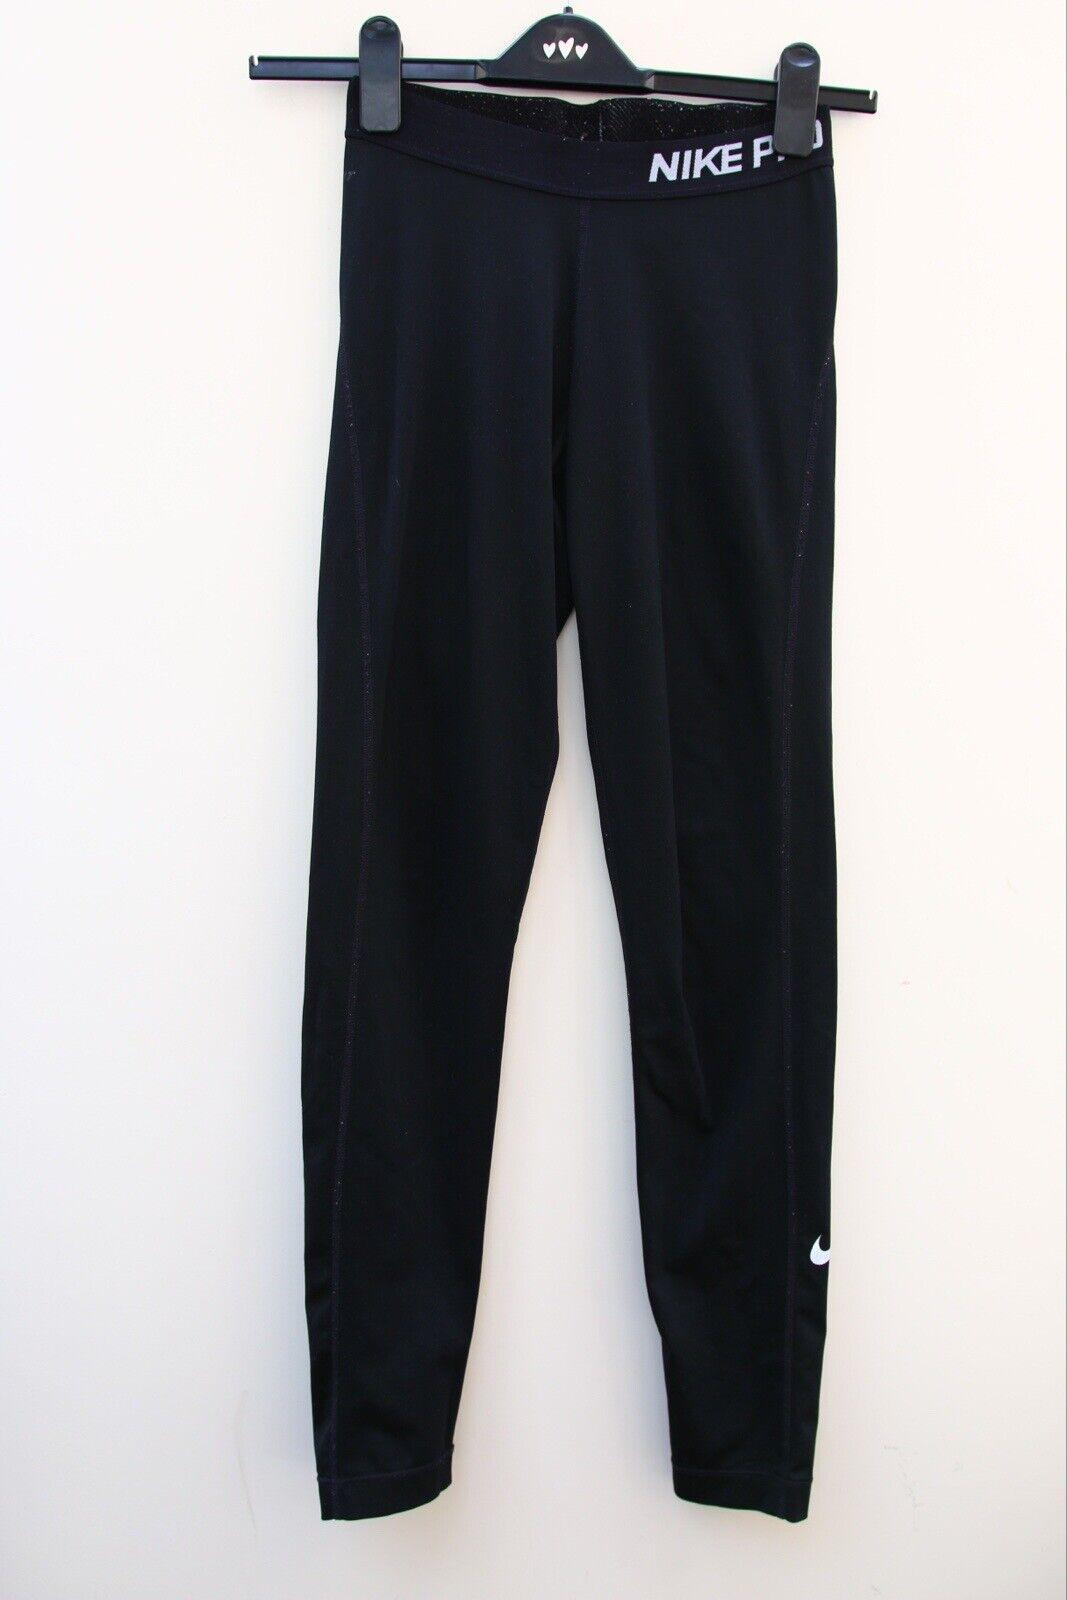 Nike pro leggings full length black logo dri-fit size small White Tick